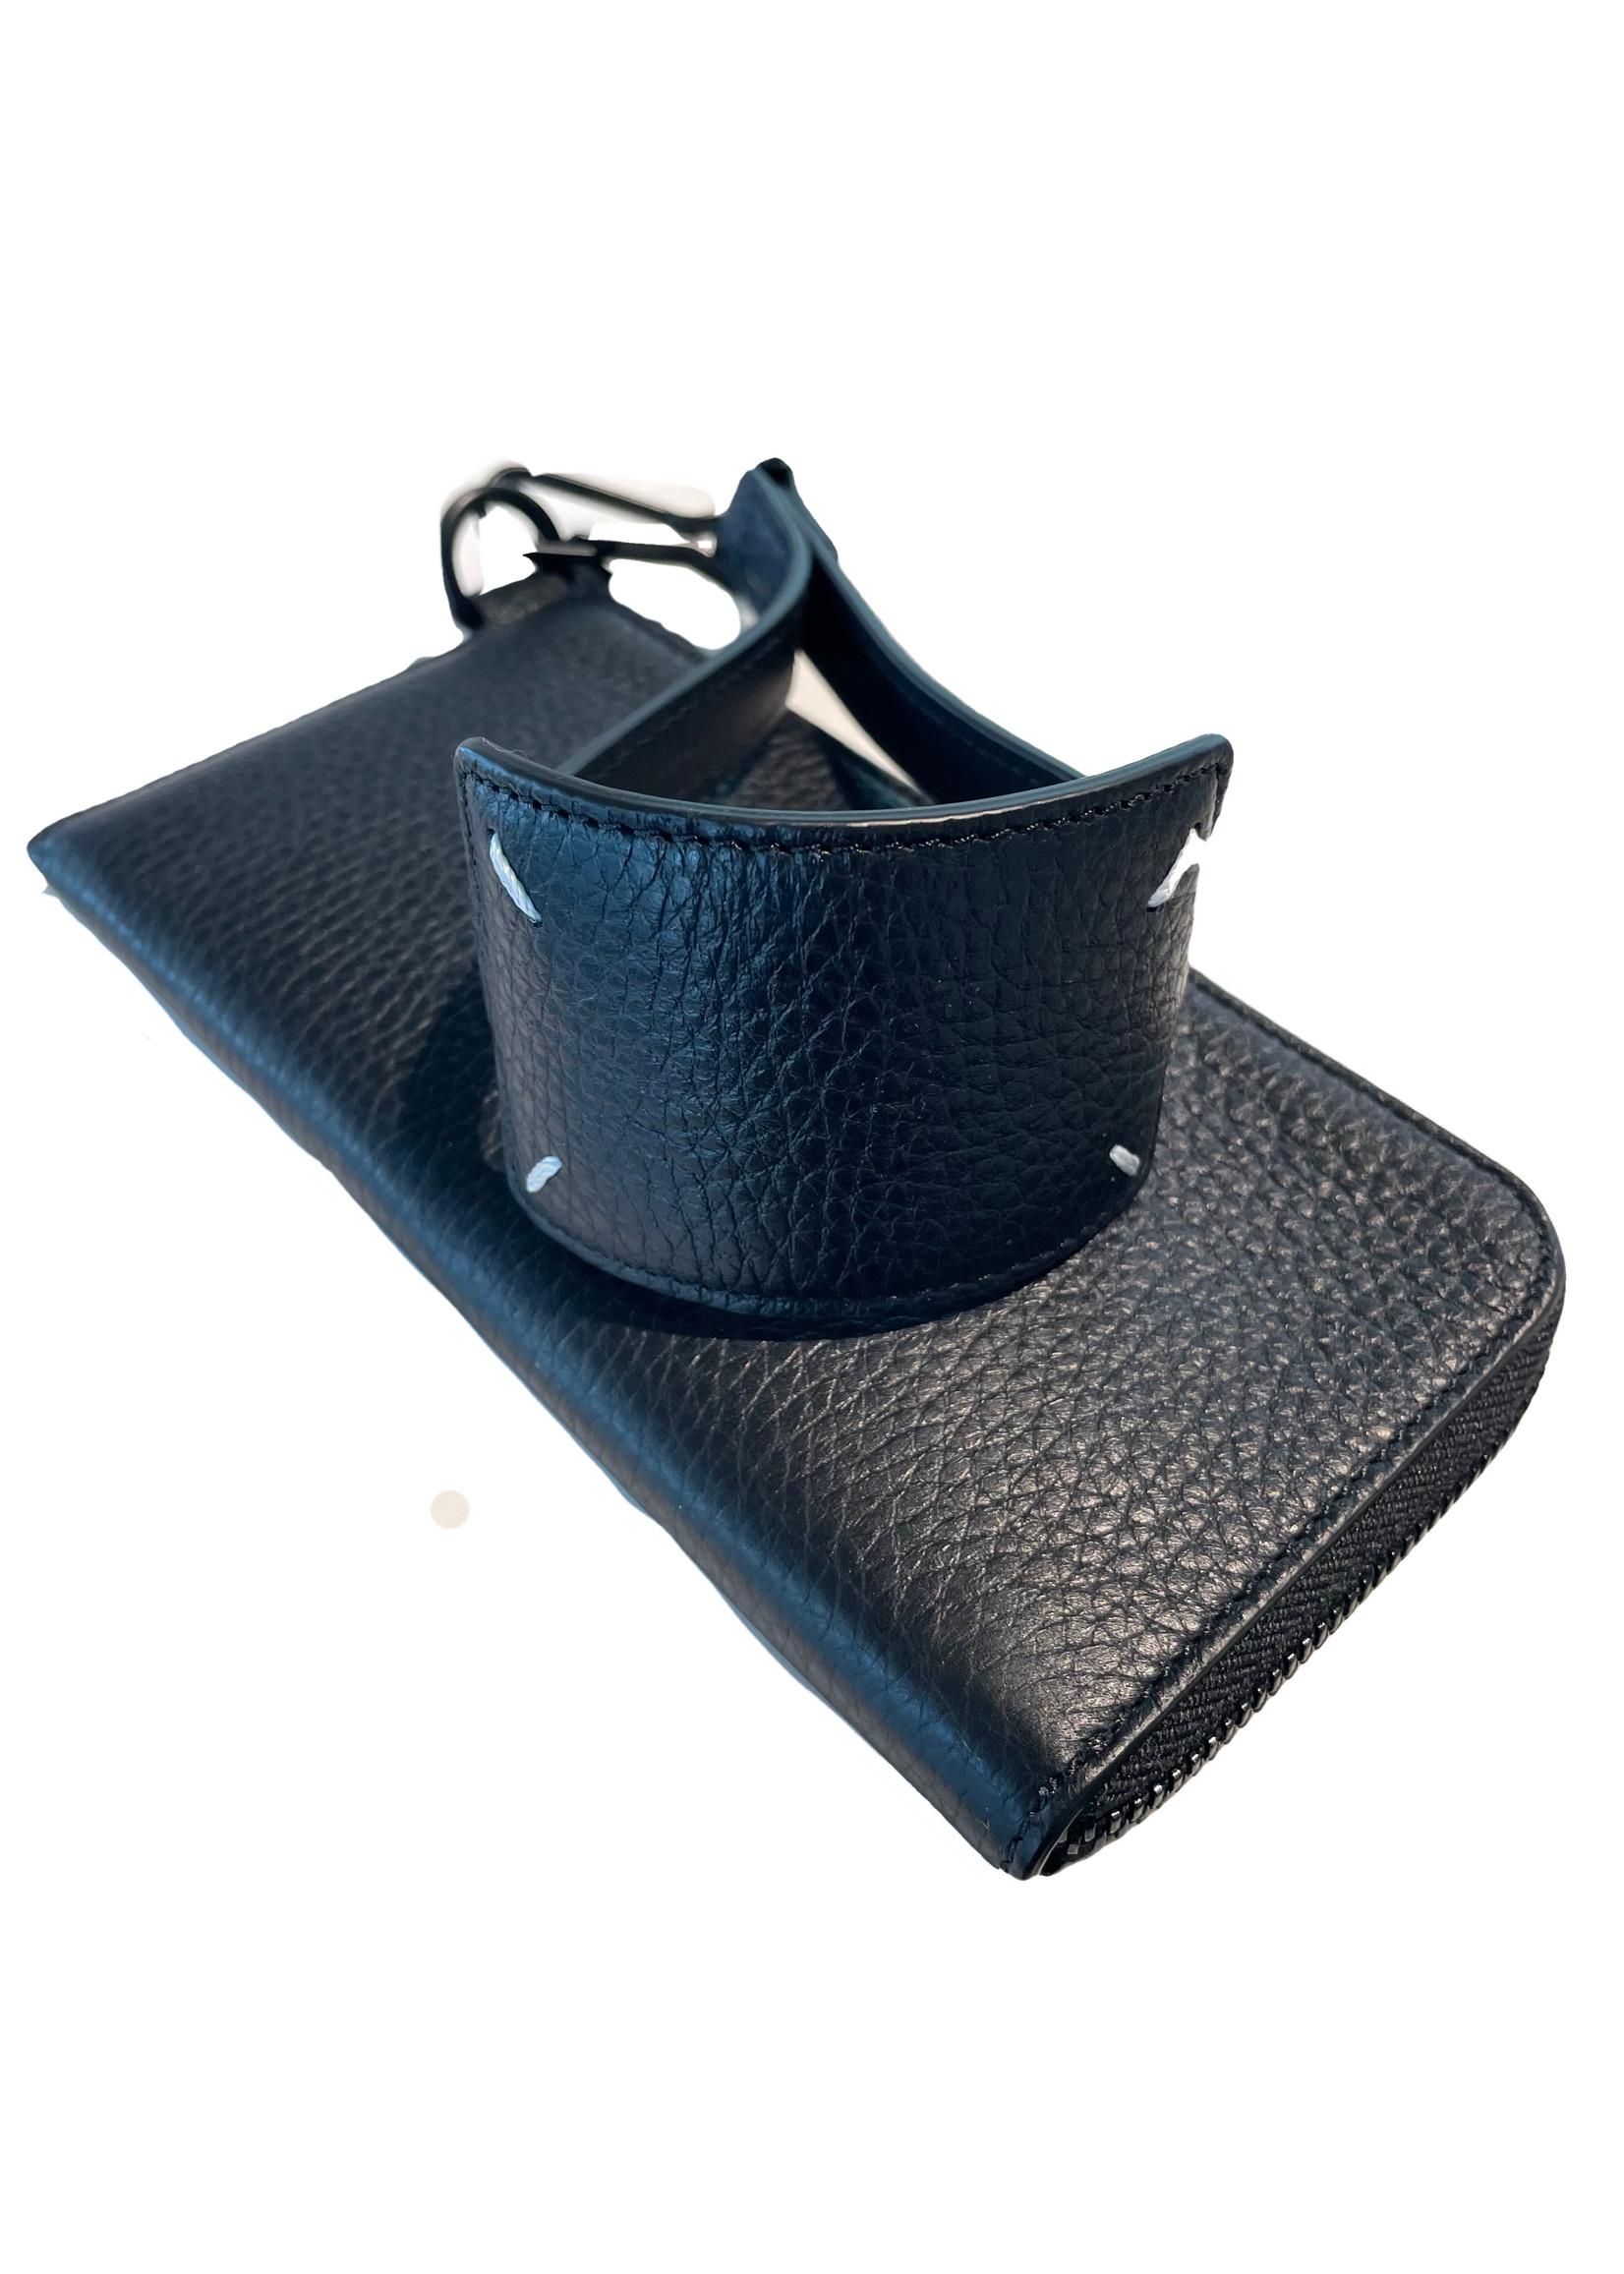 Maison Margiela Zip Wallet with Cuff